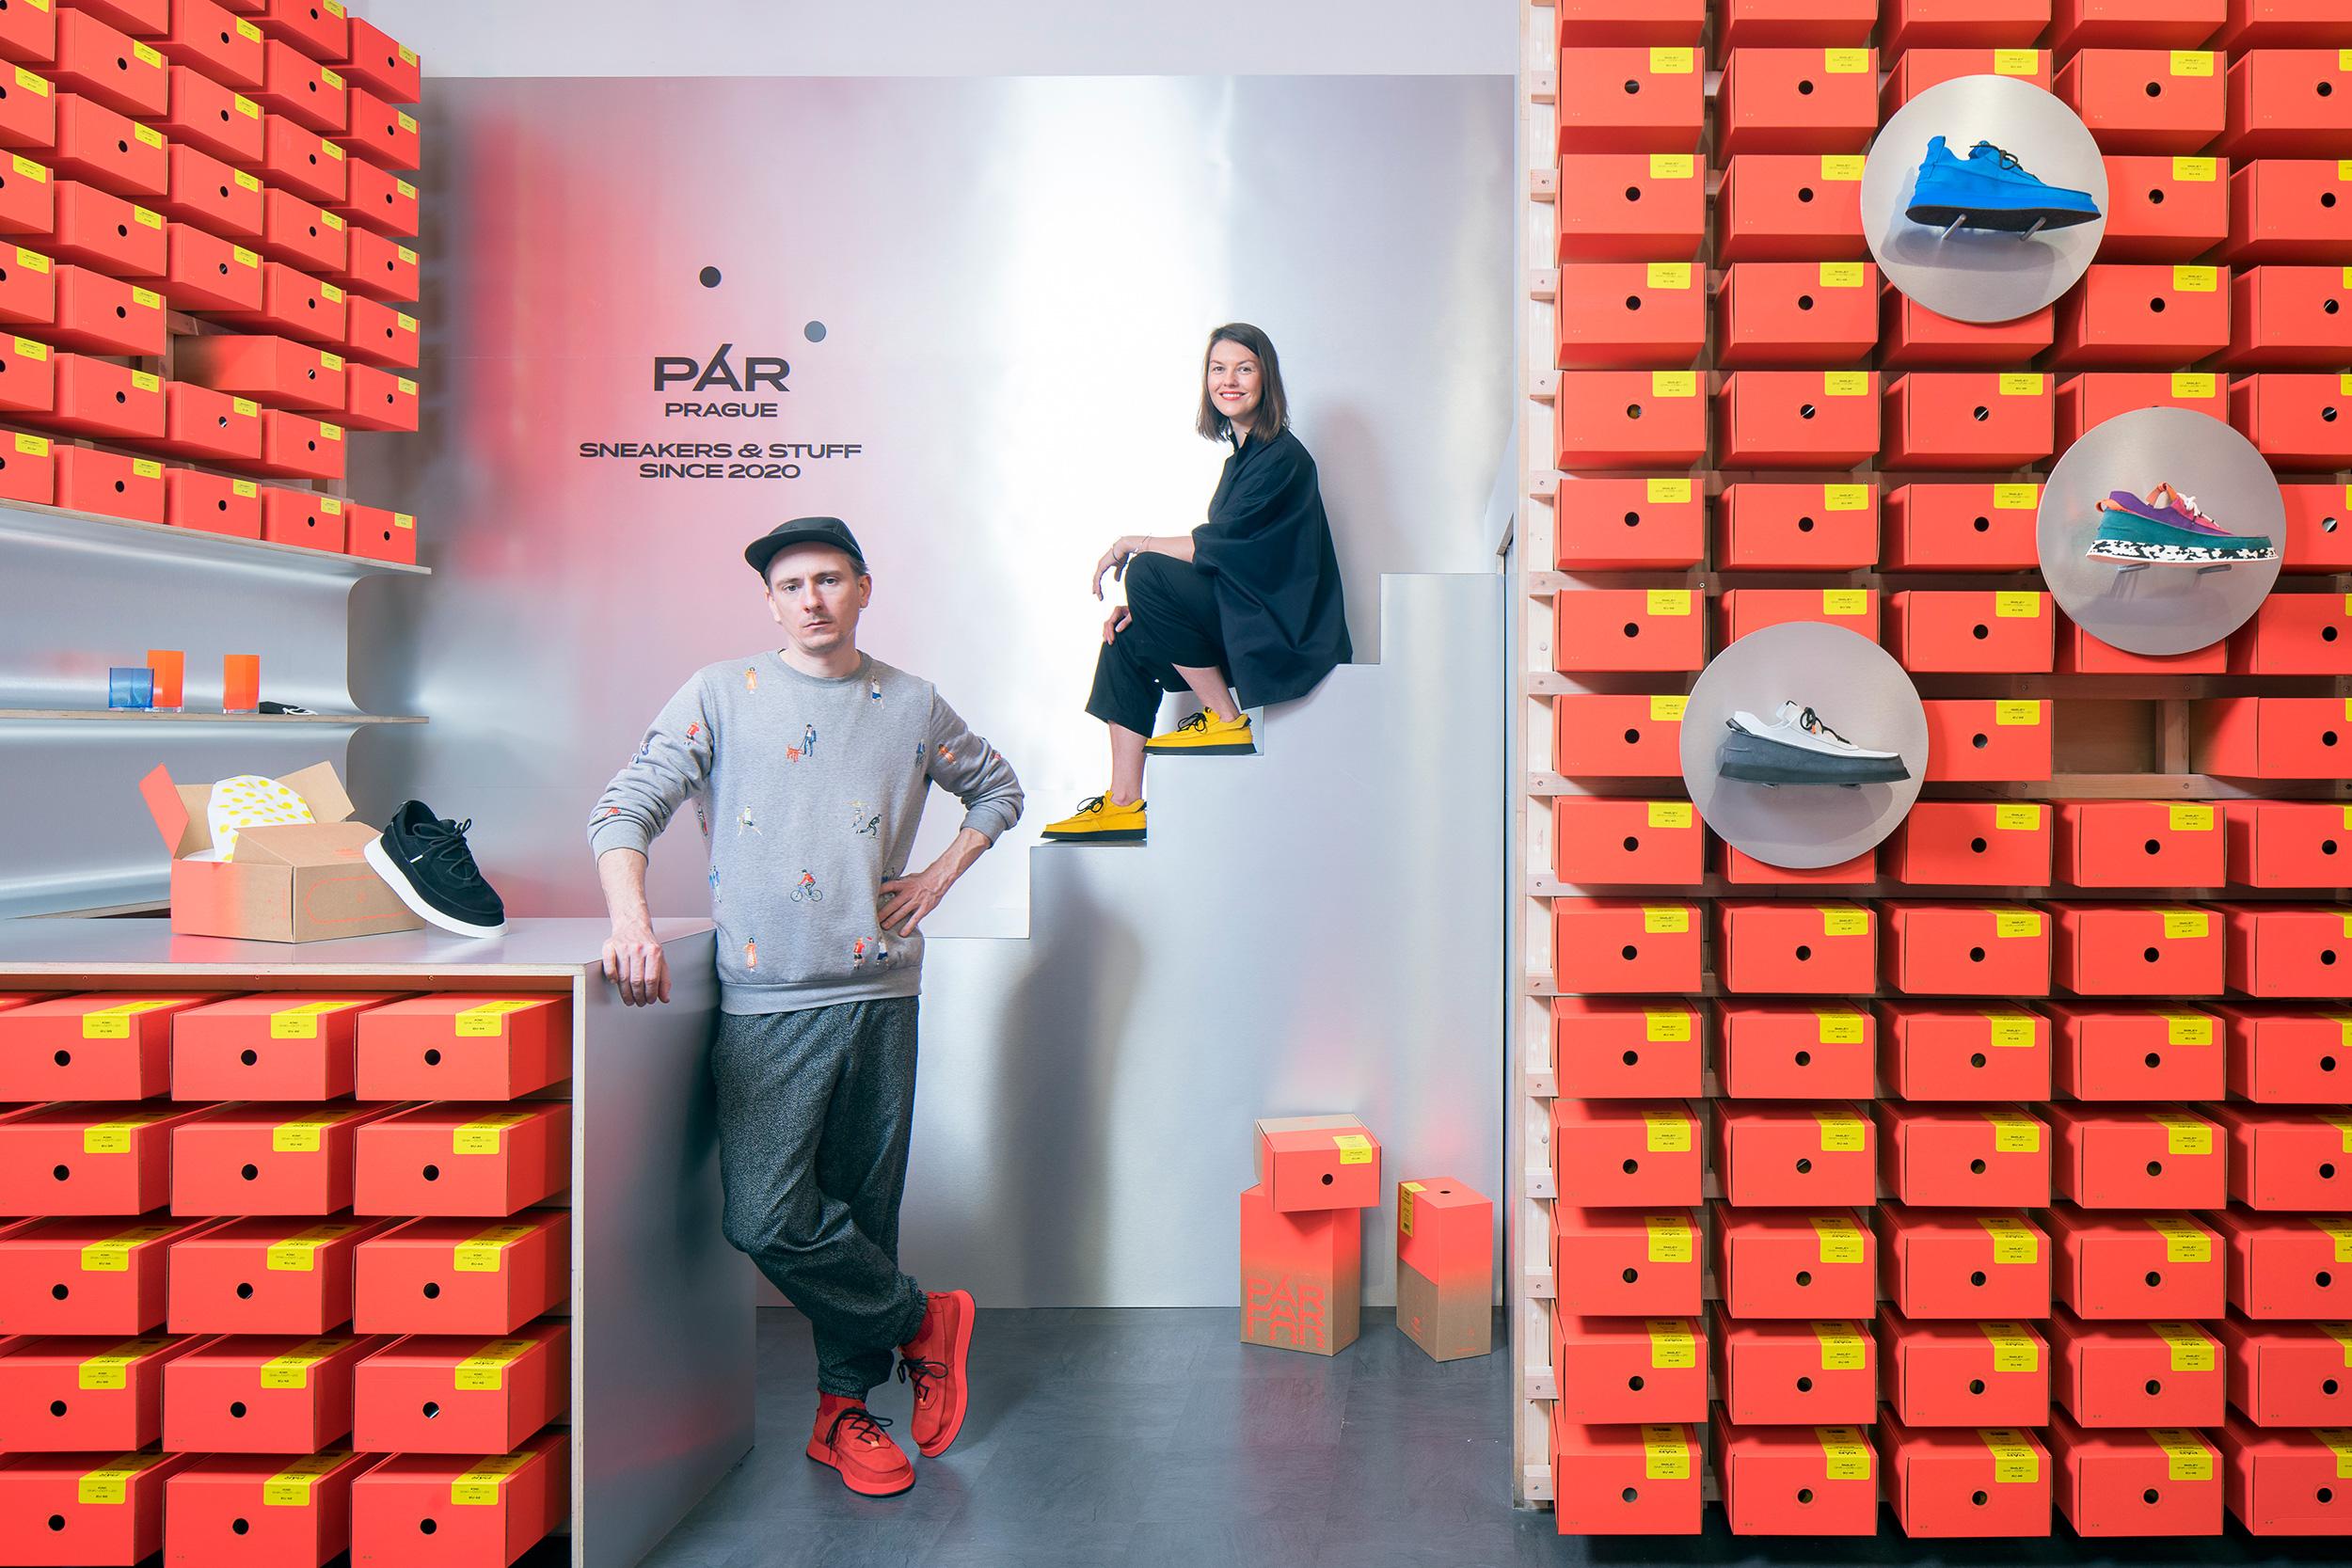 Zakladatelé značky PÁR Jan Kloss a Darina Zavadilová. Foto Tomáš Souček